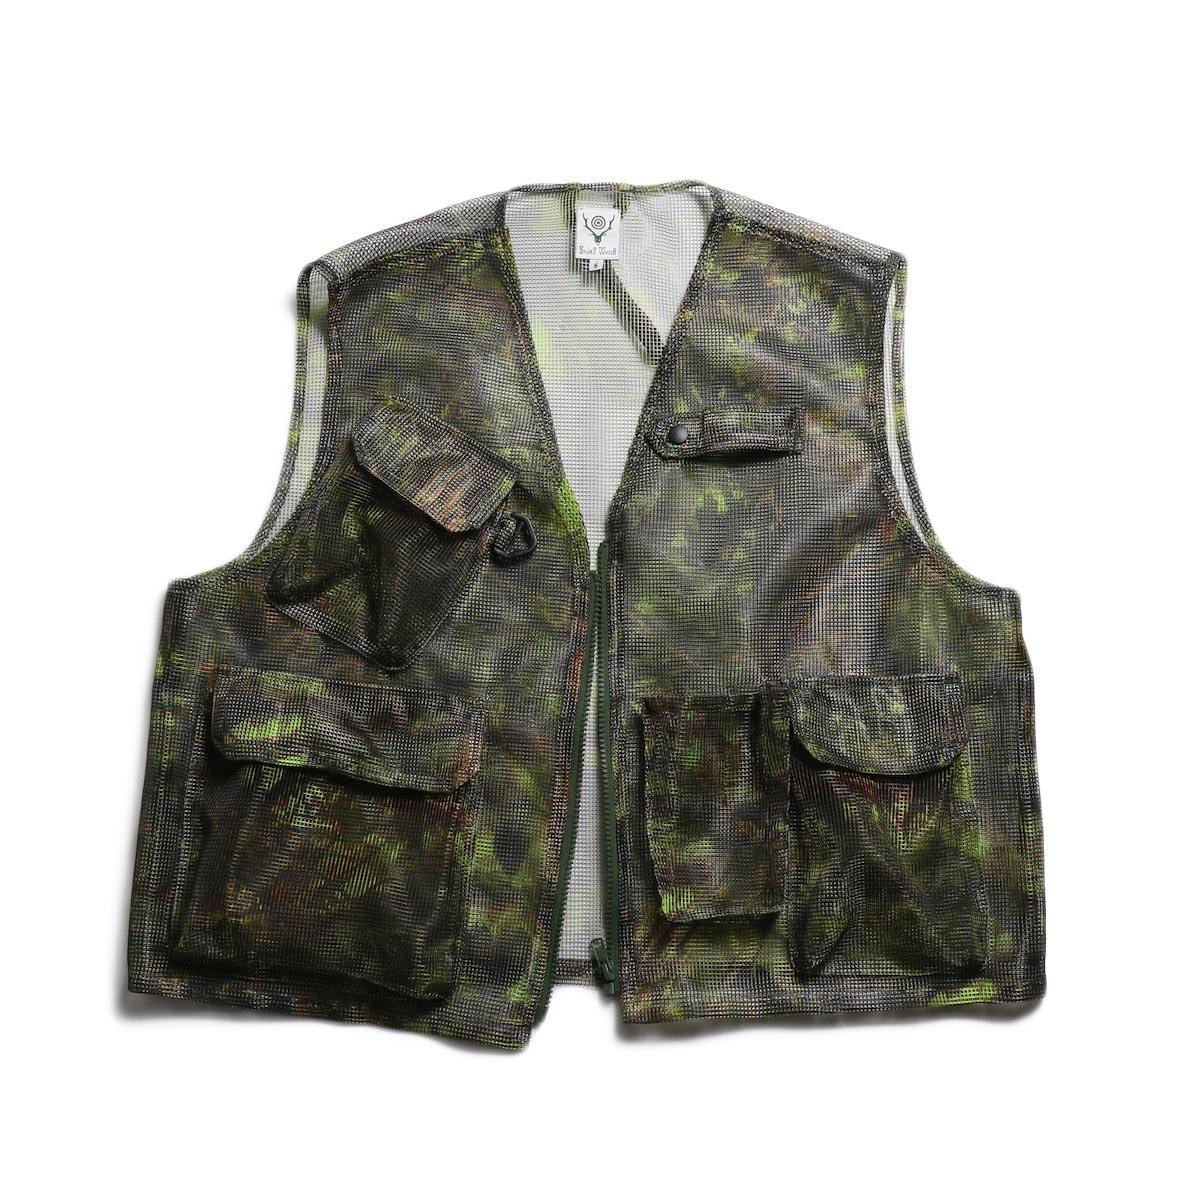 SOUTH2 WEST8 / Mesh Bush Vest -Poly Mesh (S2W8 Camo)